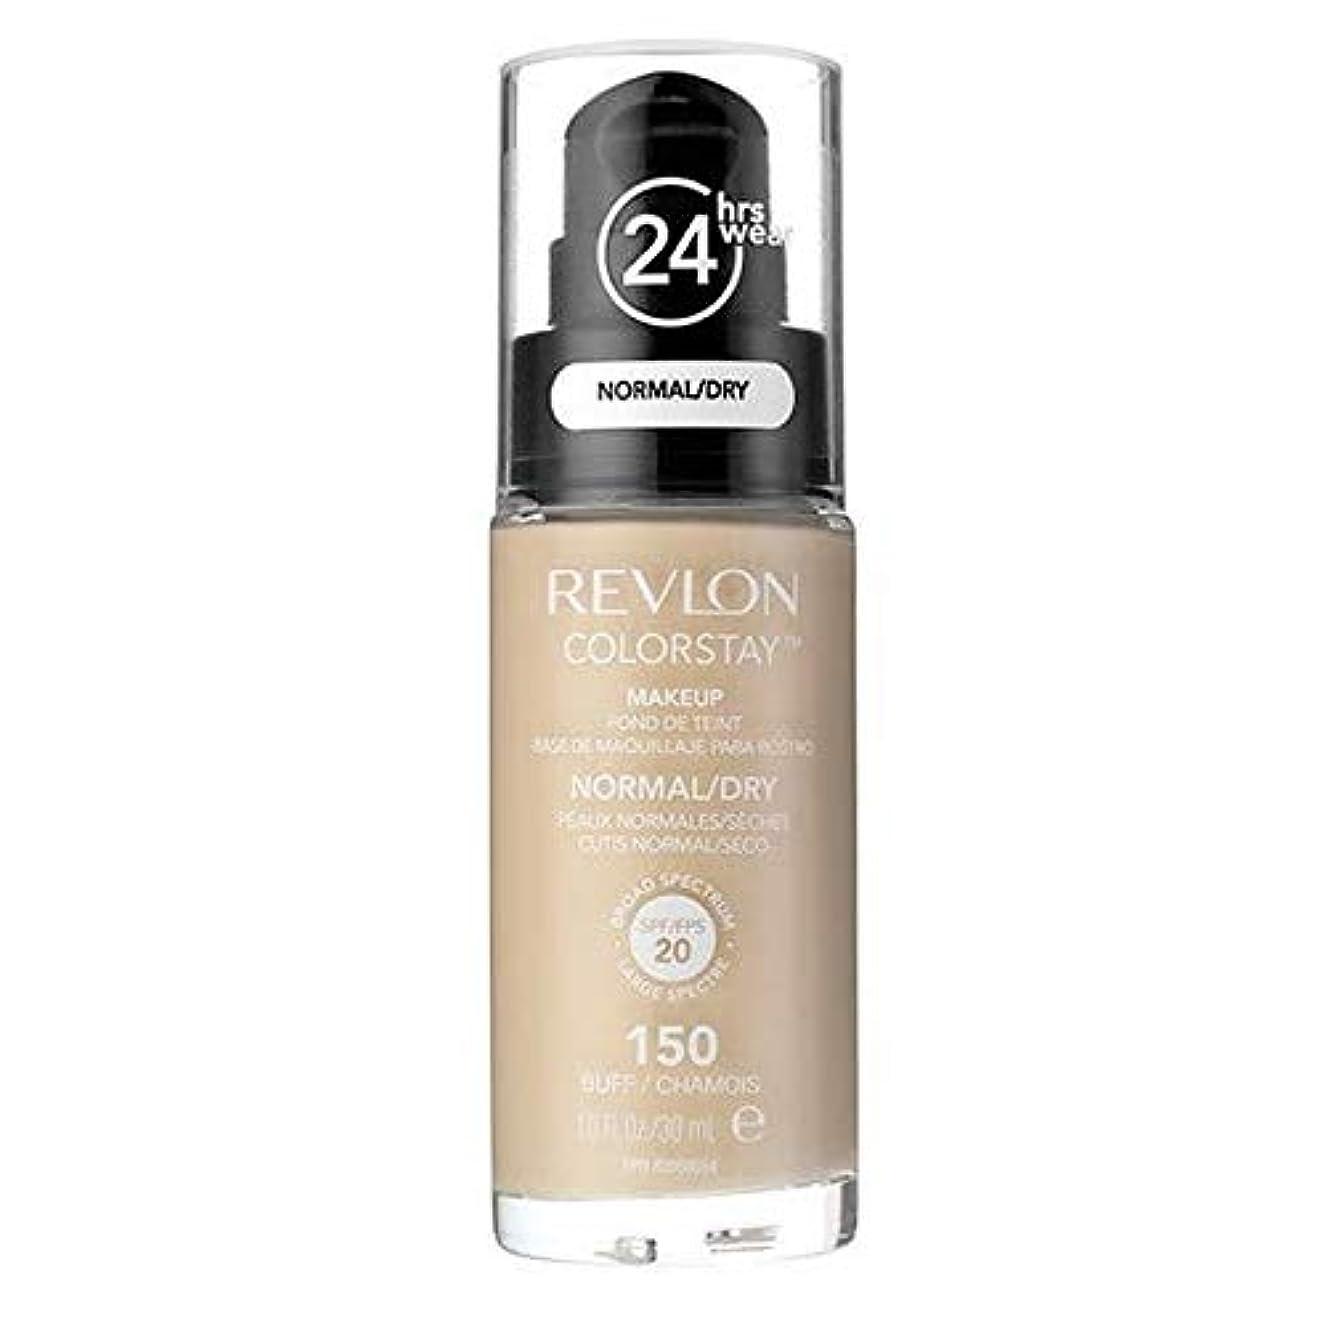 ディプロマリーンに変わる[Revlon ] レブロンカラーステイ基盤ノルム/ドライバフ30ミリリットル - Revlon Color Stay Foundation Norm/Dry Buff 30ml [並行輸入品]